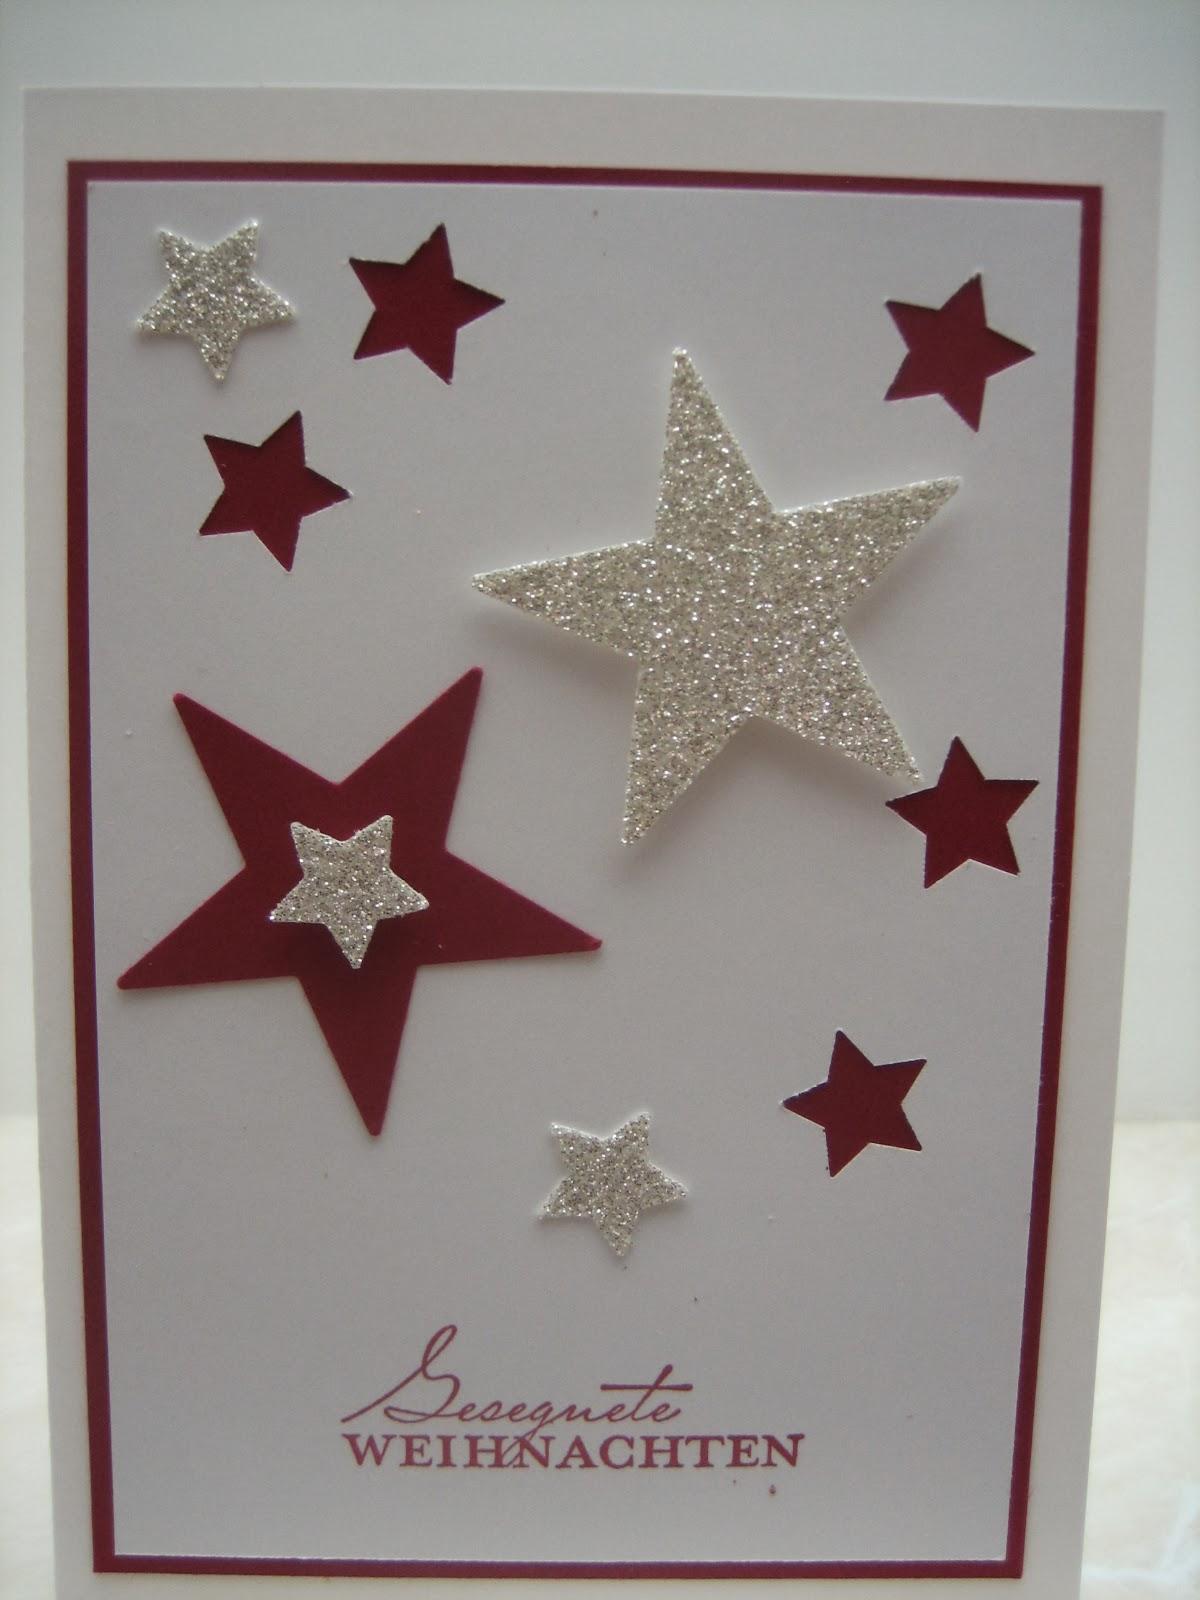 weihnachtskarten selber basteln vorlagen kostenlos weihnachtskarten selber basteln vorlagen. Black Bedroom Furniture Sets. Home Design Ideas